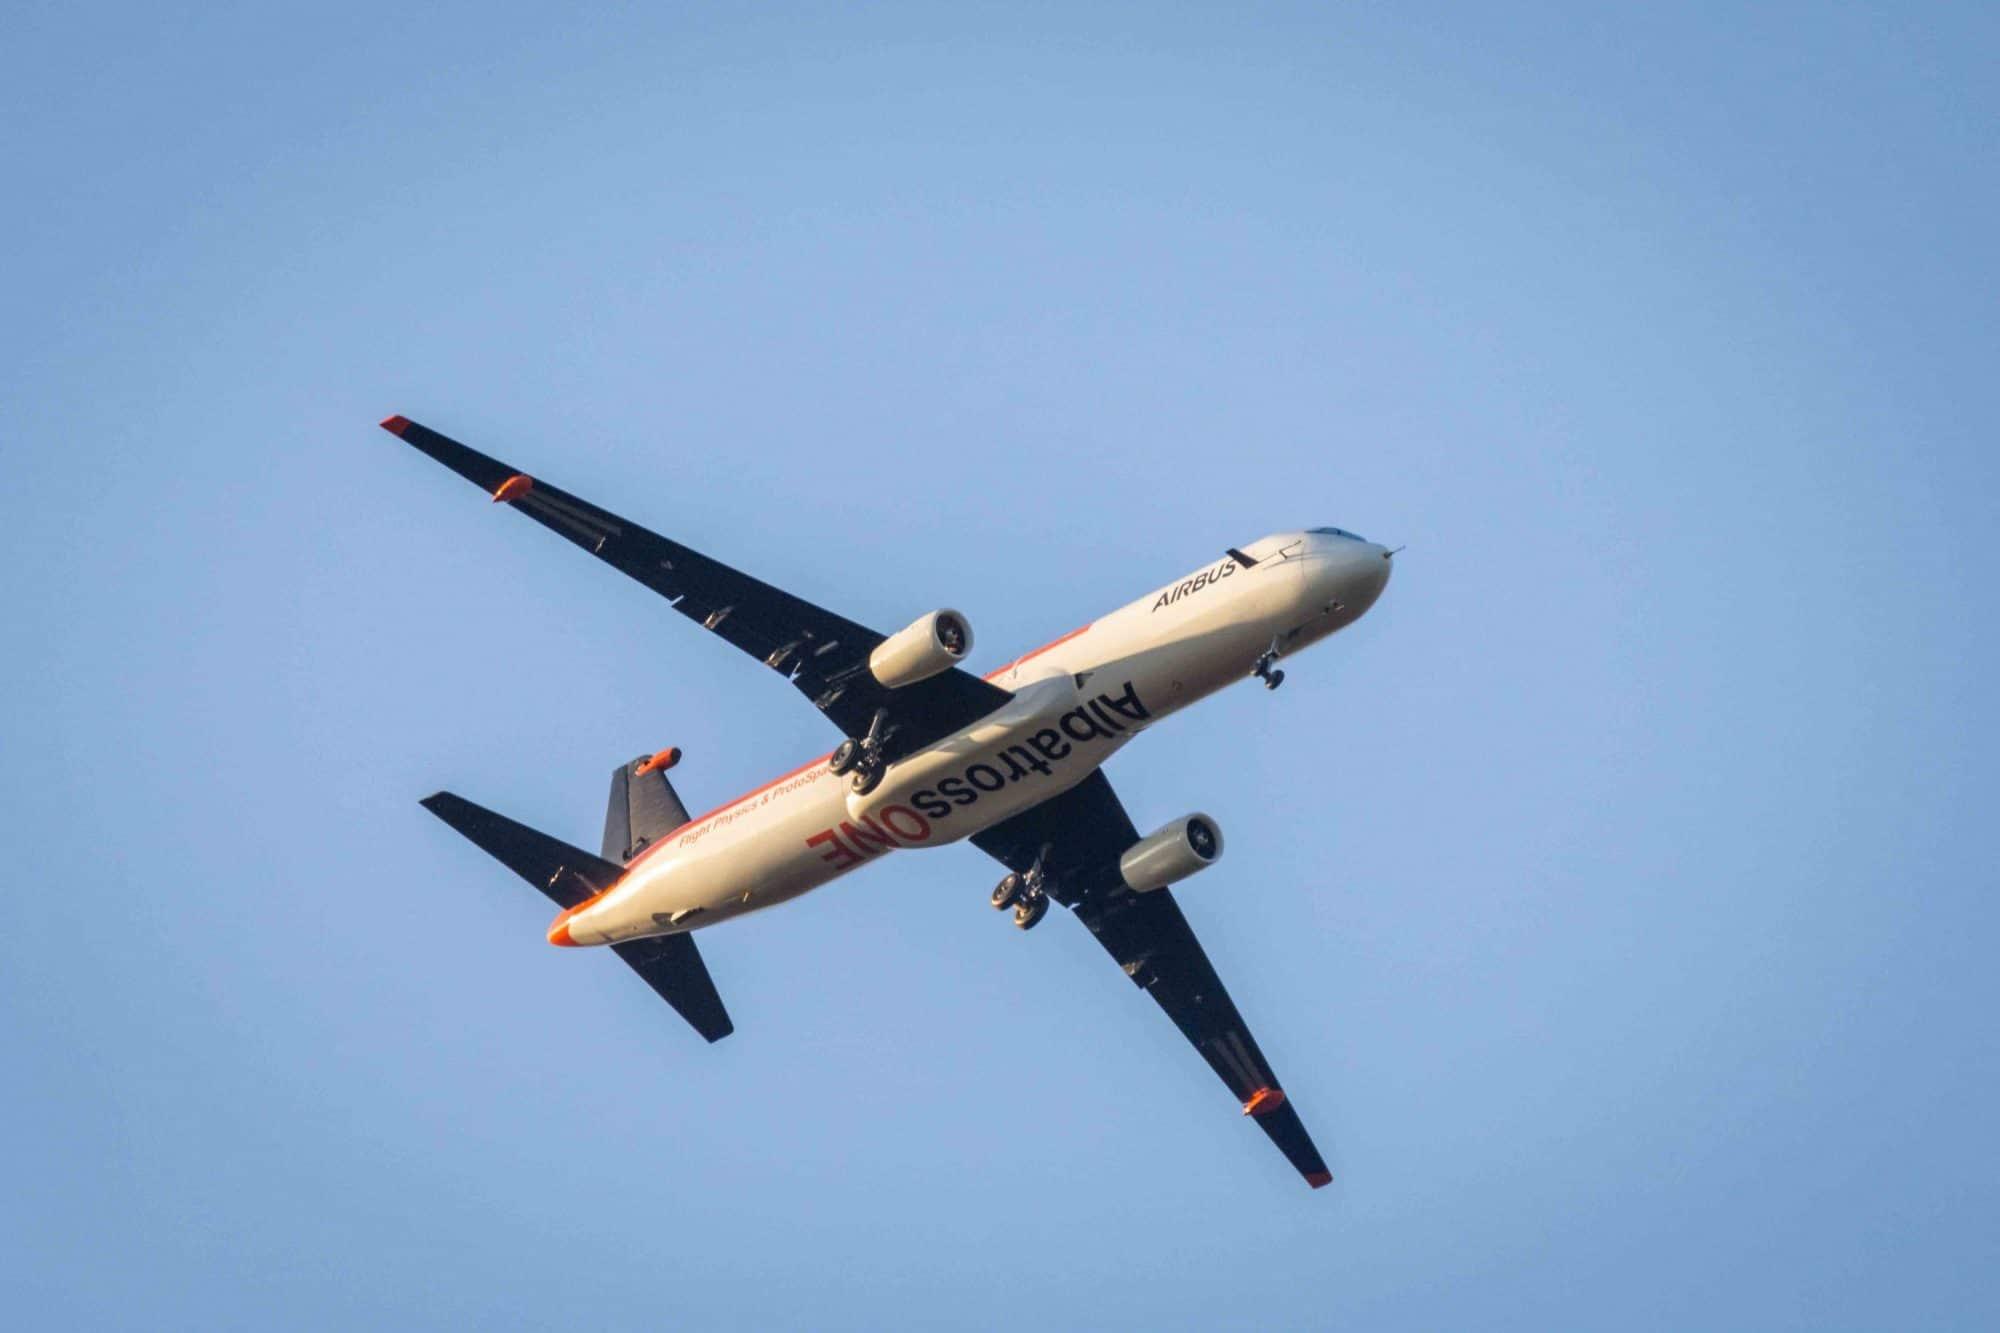 นกอัลบาทรอสเป็นแรงบันดาลใจให้กับการออกแบบปีกเครื่องบินรุ่นต่อไปได้อย่างไรจาก วิศวกรของ airbus ใน albatrossone - นกอัลบาทรอสเป็นแรงบันดาลใจให้กับการออกแบบปีกเครื่องบินรุ่นต่อไปได้อย่างไรจาก วิศวกรของ Airbus ใน AlbatrossOne